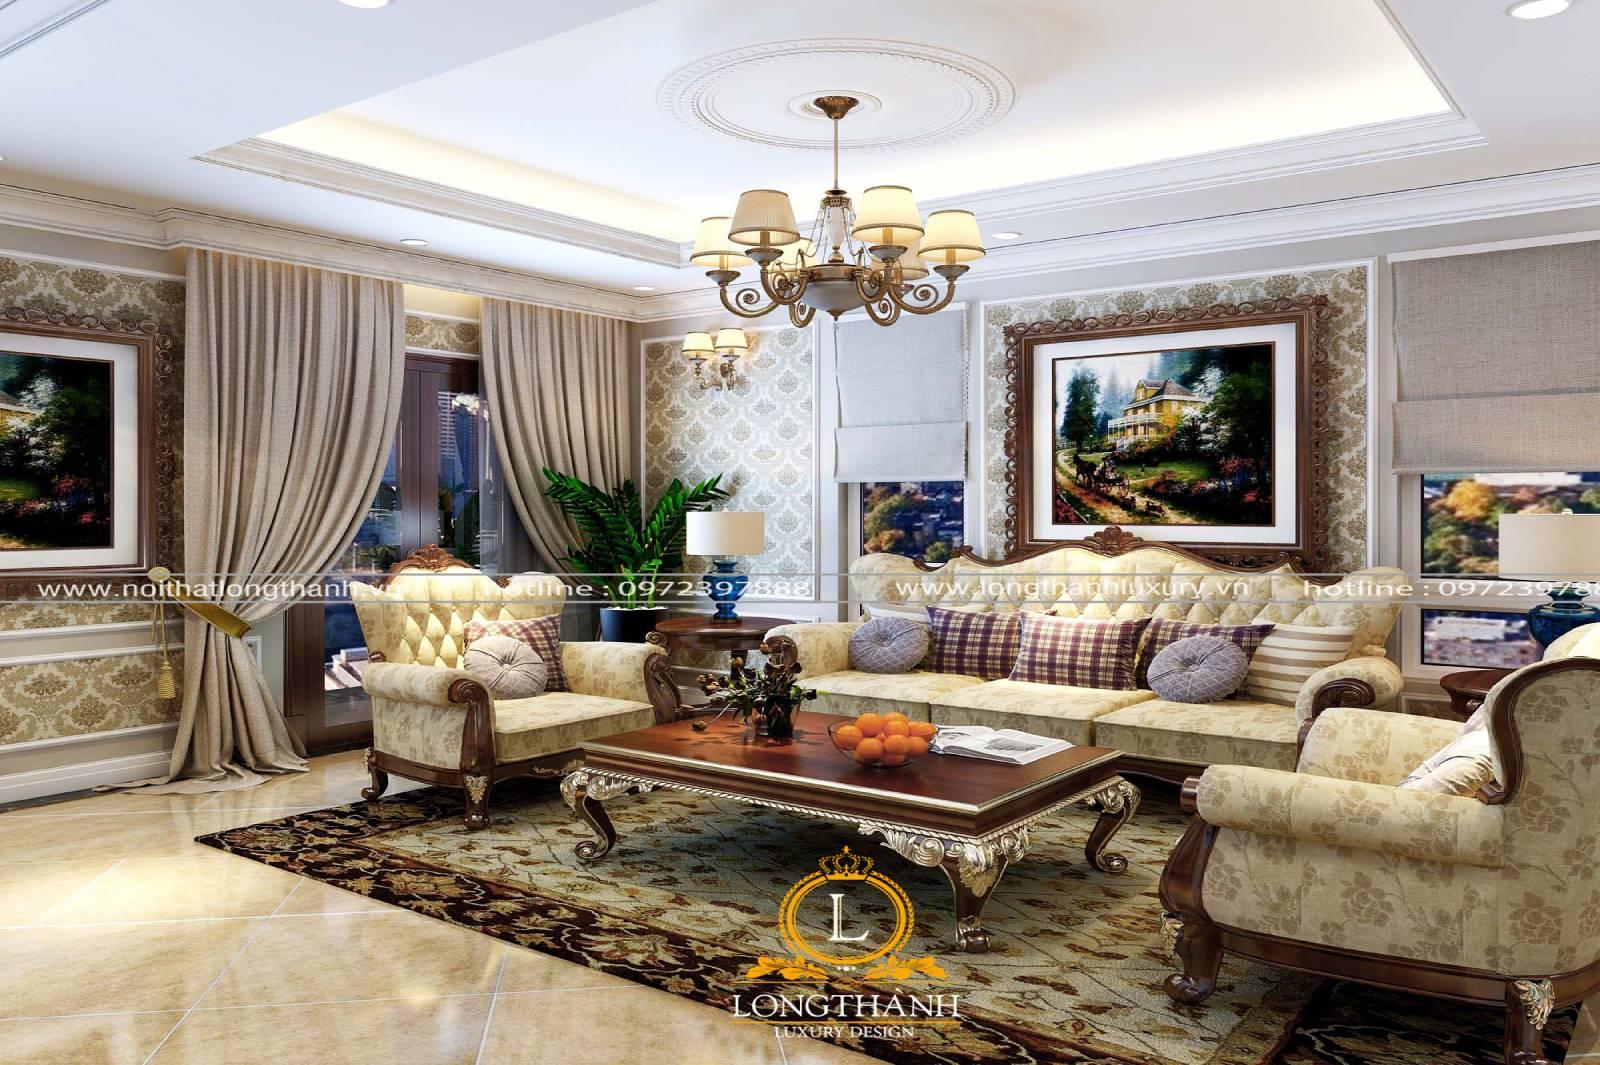 Không gian phòng khách tân cổ điển được trang trí vô cùng nổi bật